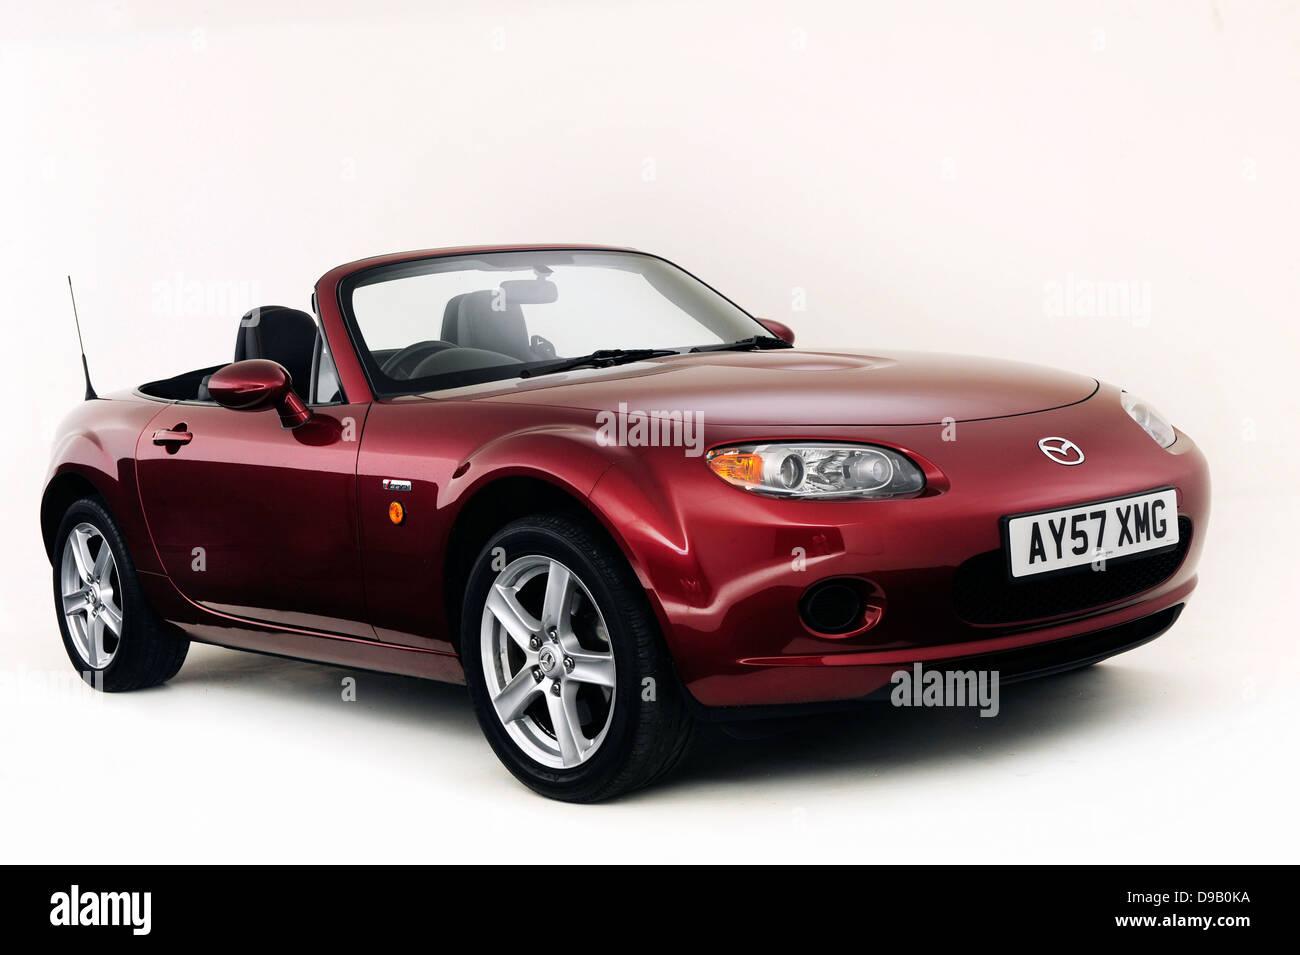 2007 Mazda MX5 - Stock Image